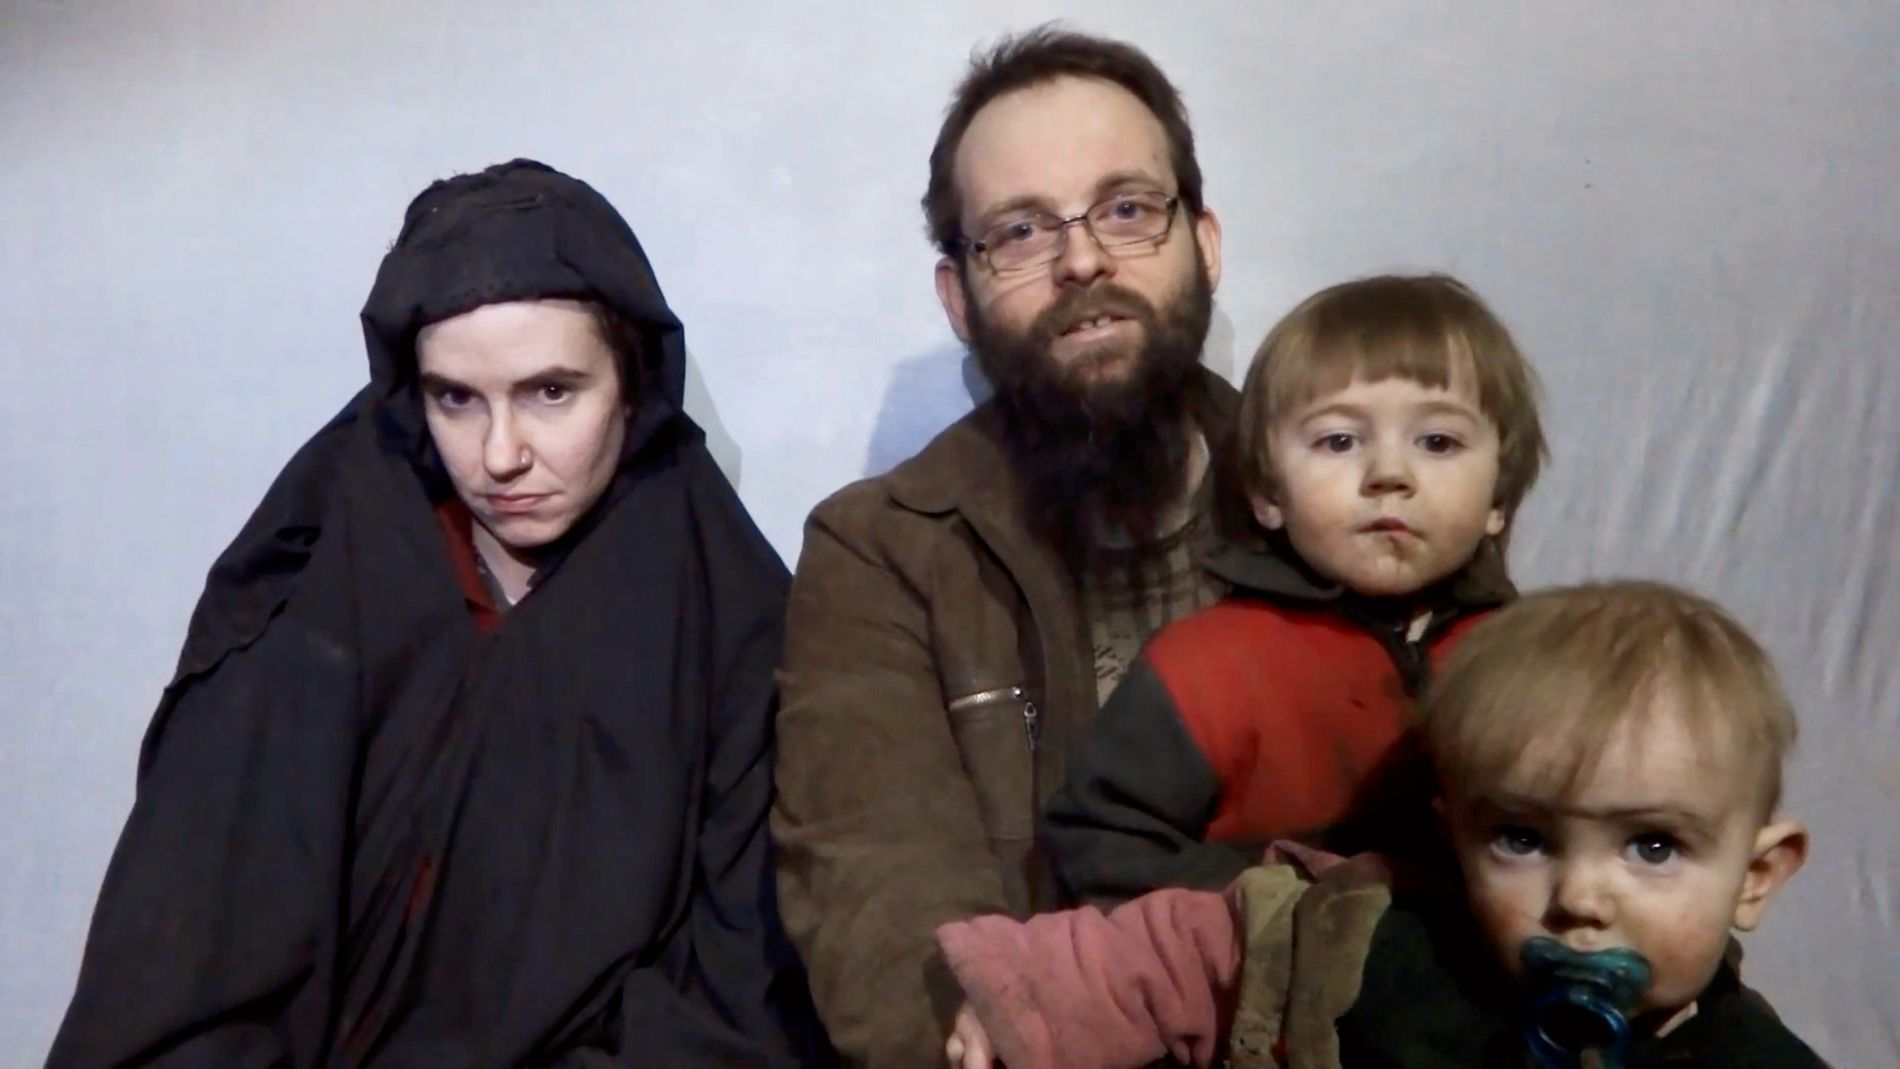 SISTE LIVSTEGN: Inntil torsdag var det siste livstegnet fra familien en video publisert av Taliban i desember i fjor, som viser Caitlan Coleman, hennes mann Joshua Boyle og deres to sønner.